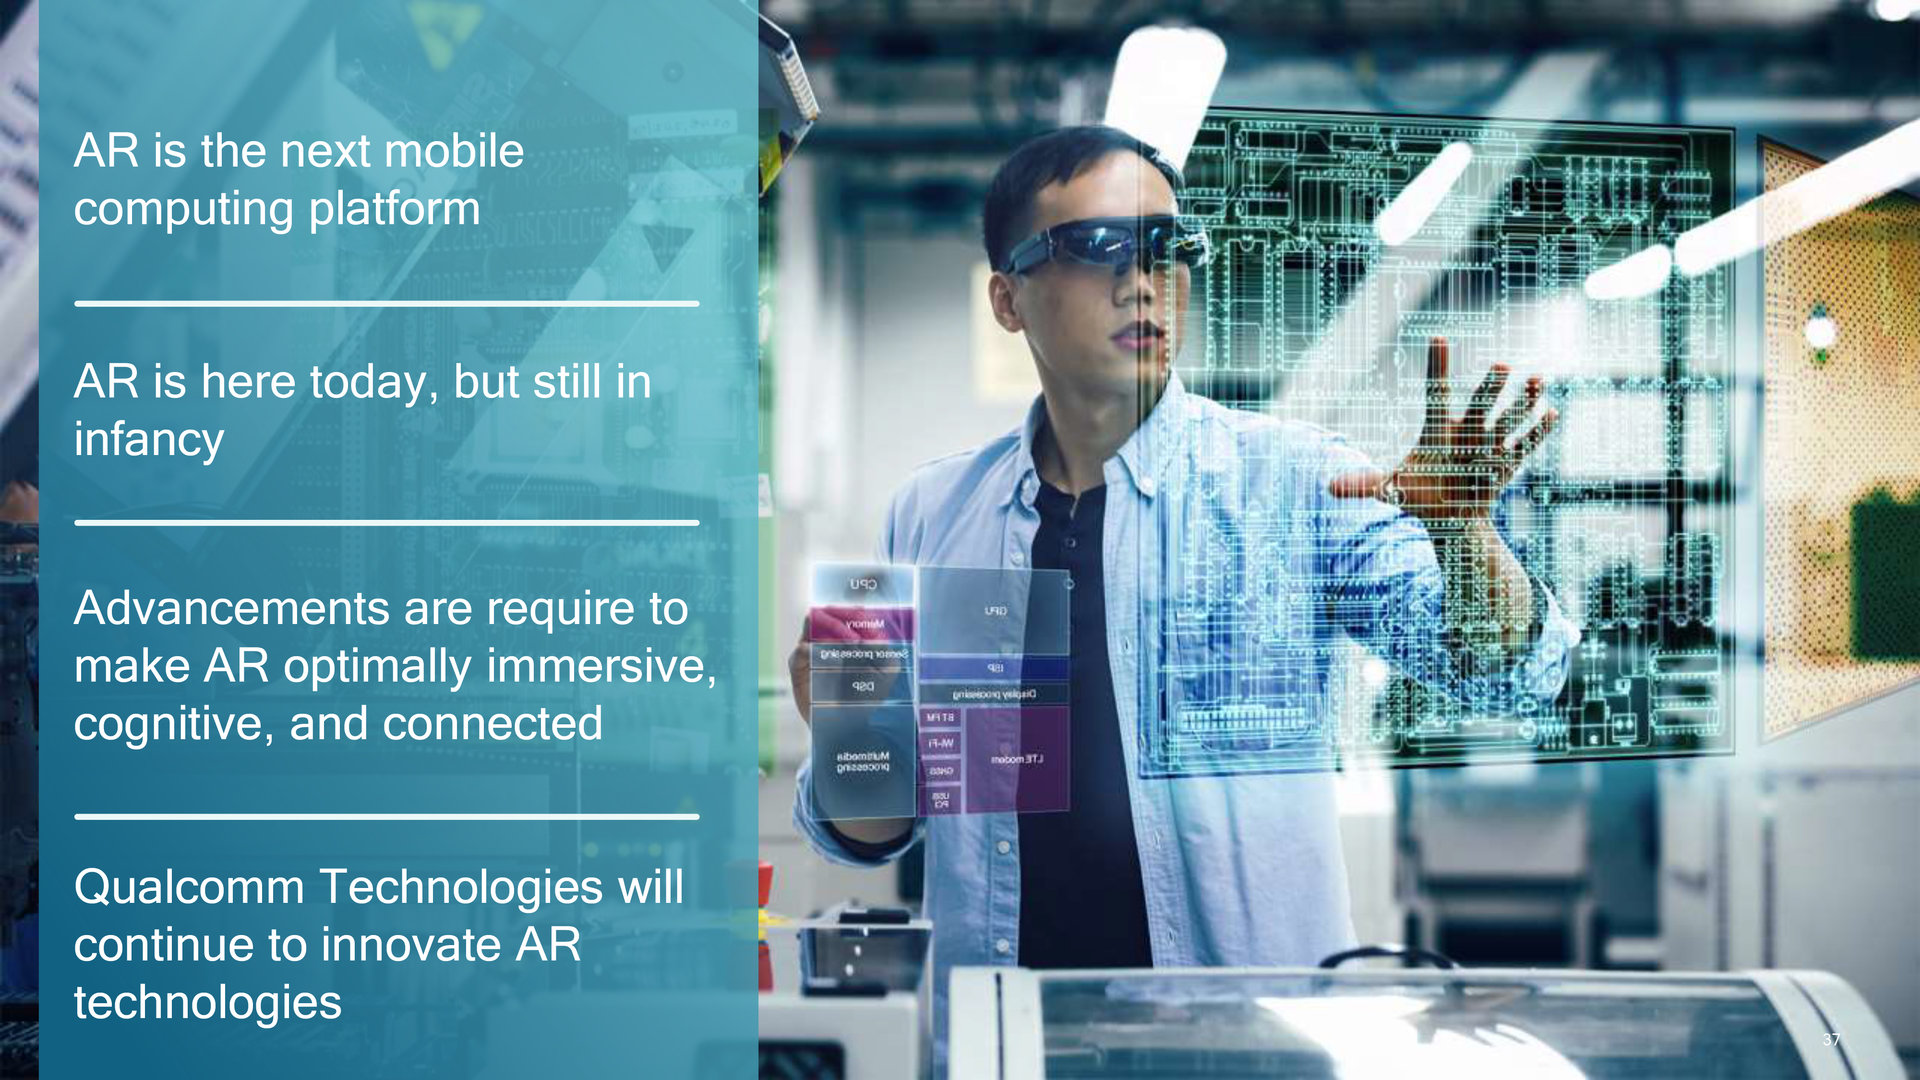 AR ist die nächste große mobile Plattform